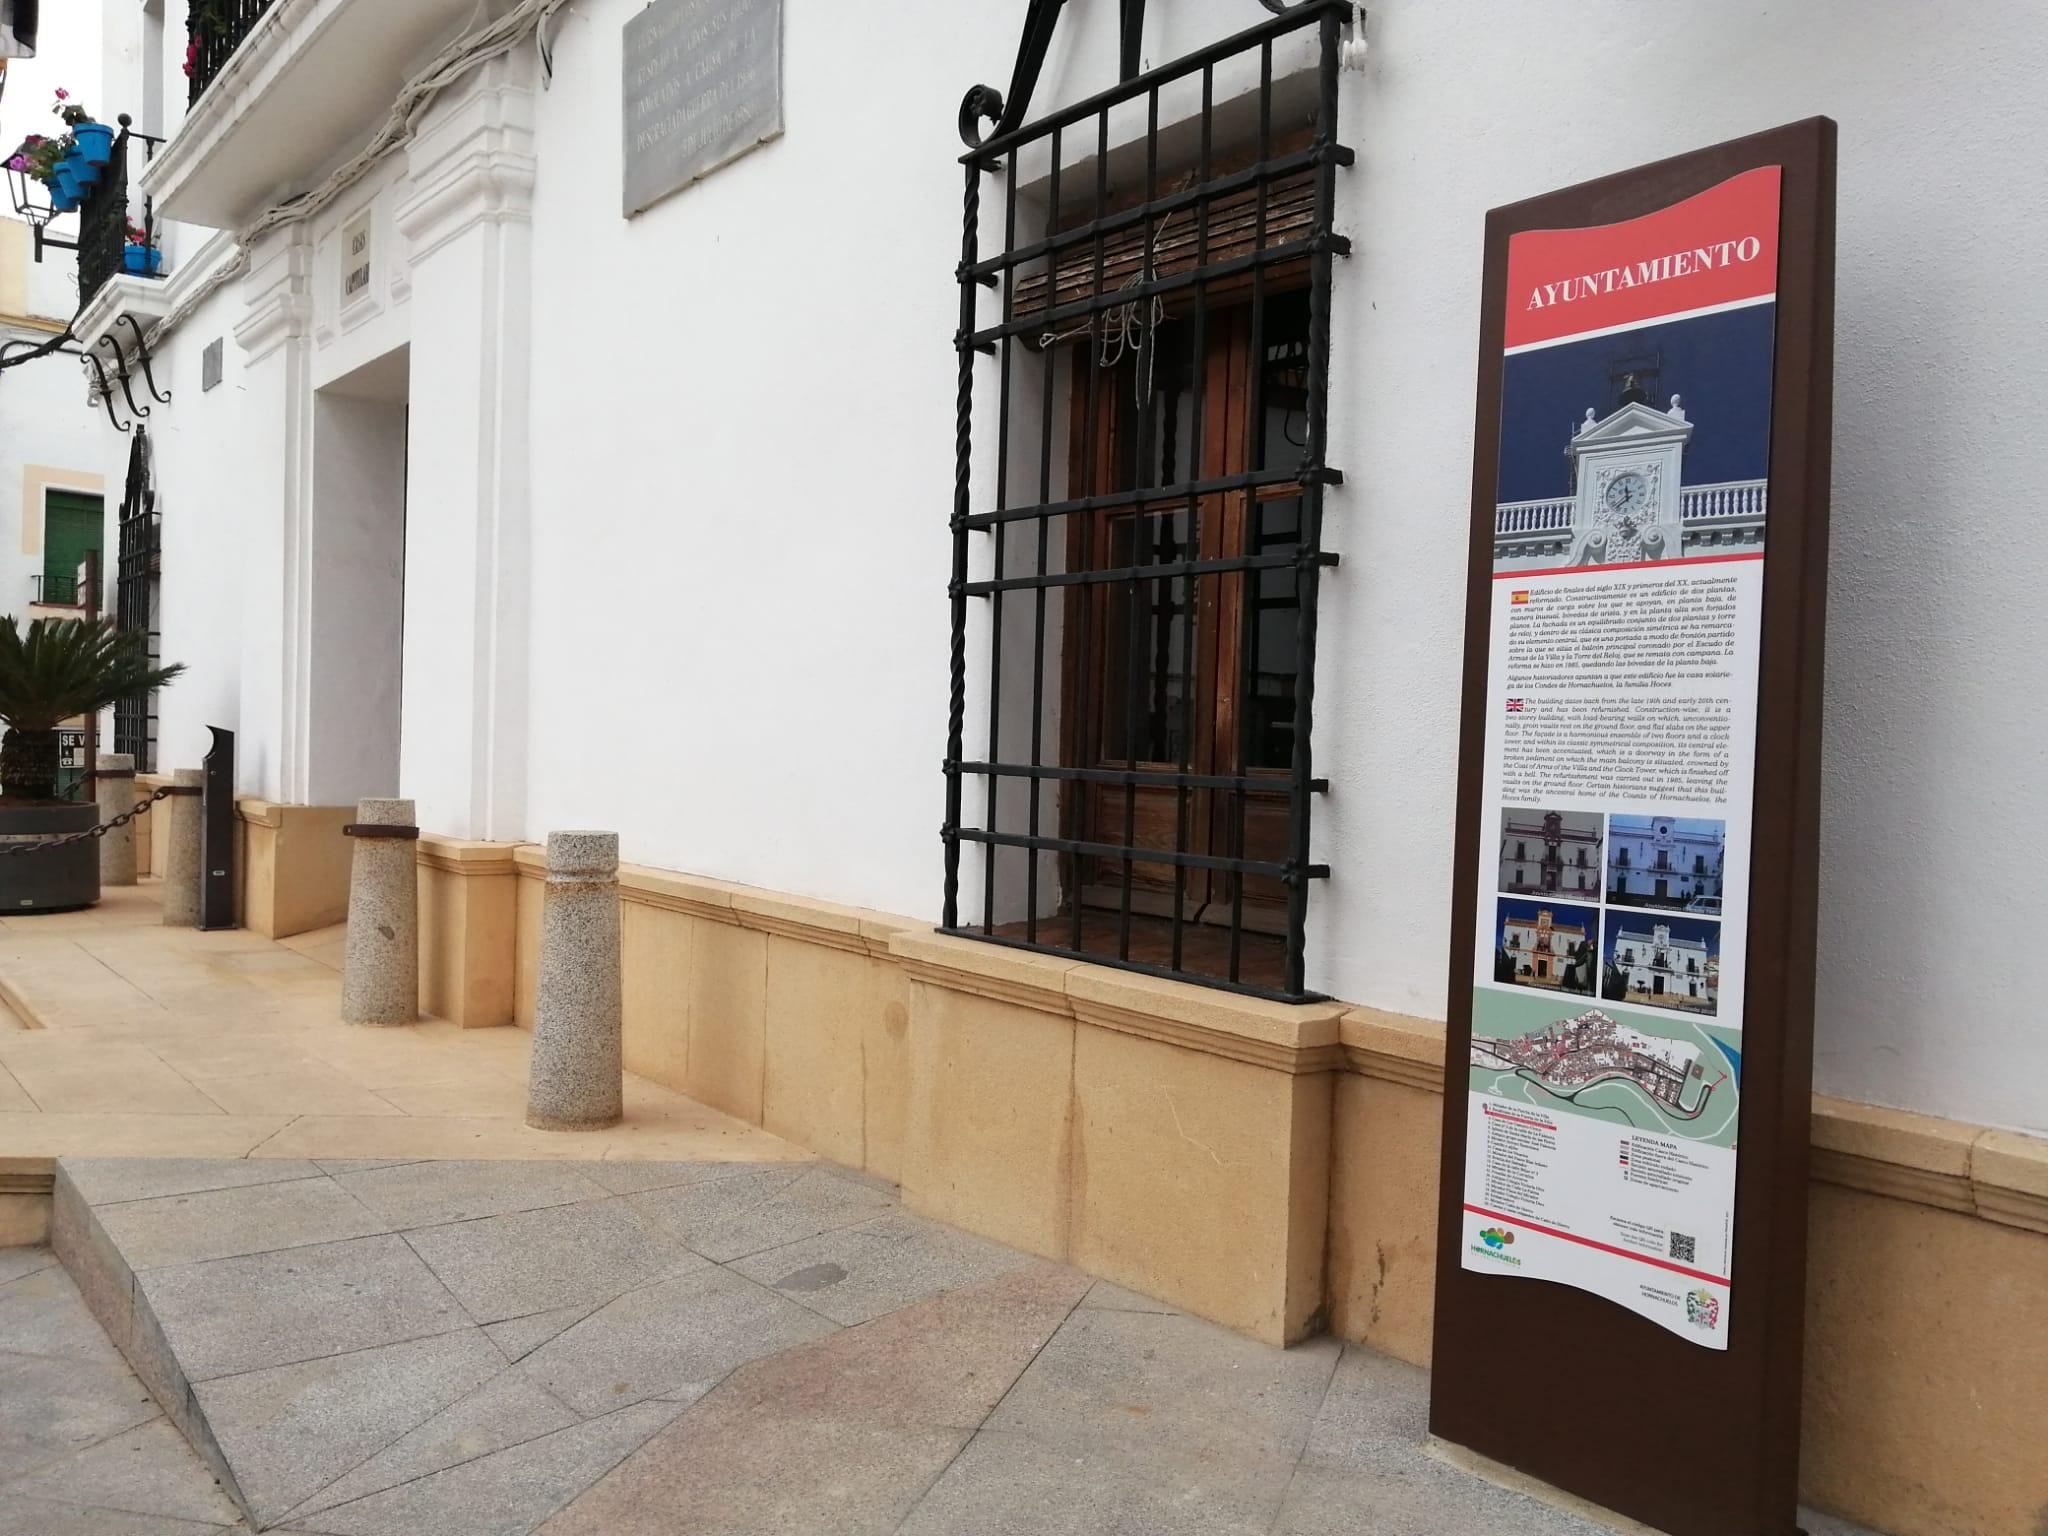 Señal descriptiva Ayuntamiento de Hornachuelos